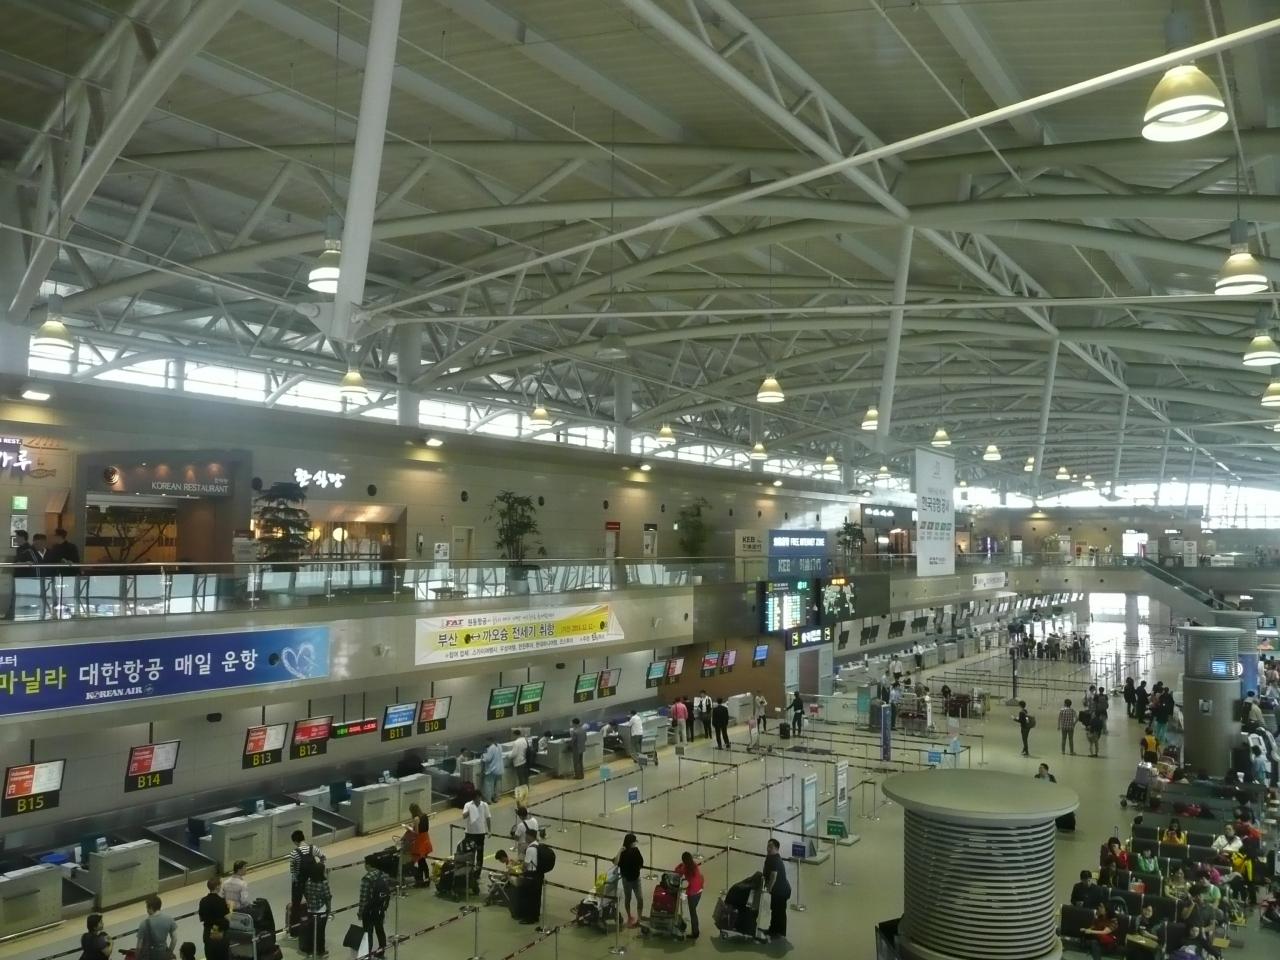 """開放的なきれいな空港です この写真のクチコミを見る"""" data-lb=""""li"""